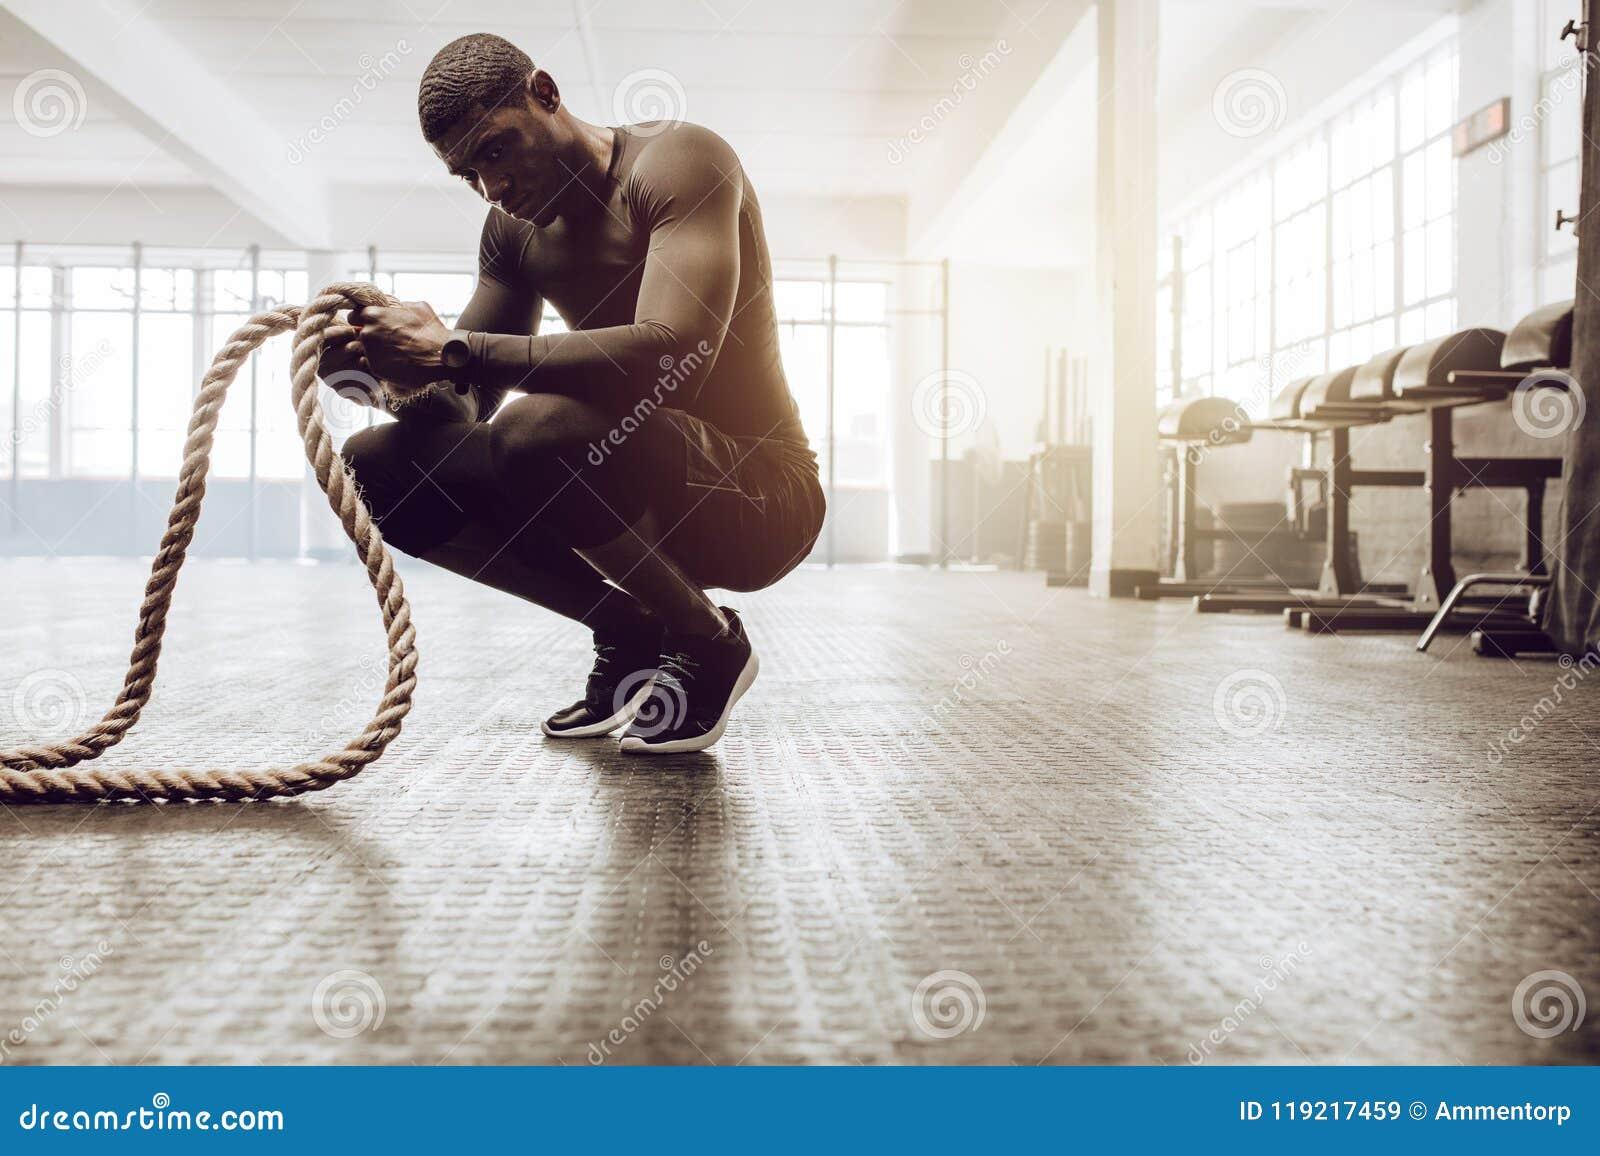 Crossfitkerel opleiding bij de gymnastiek